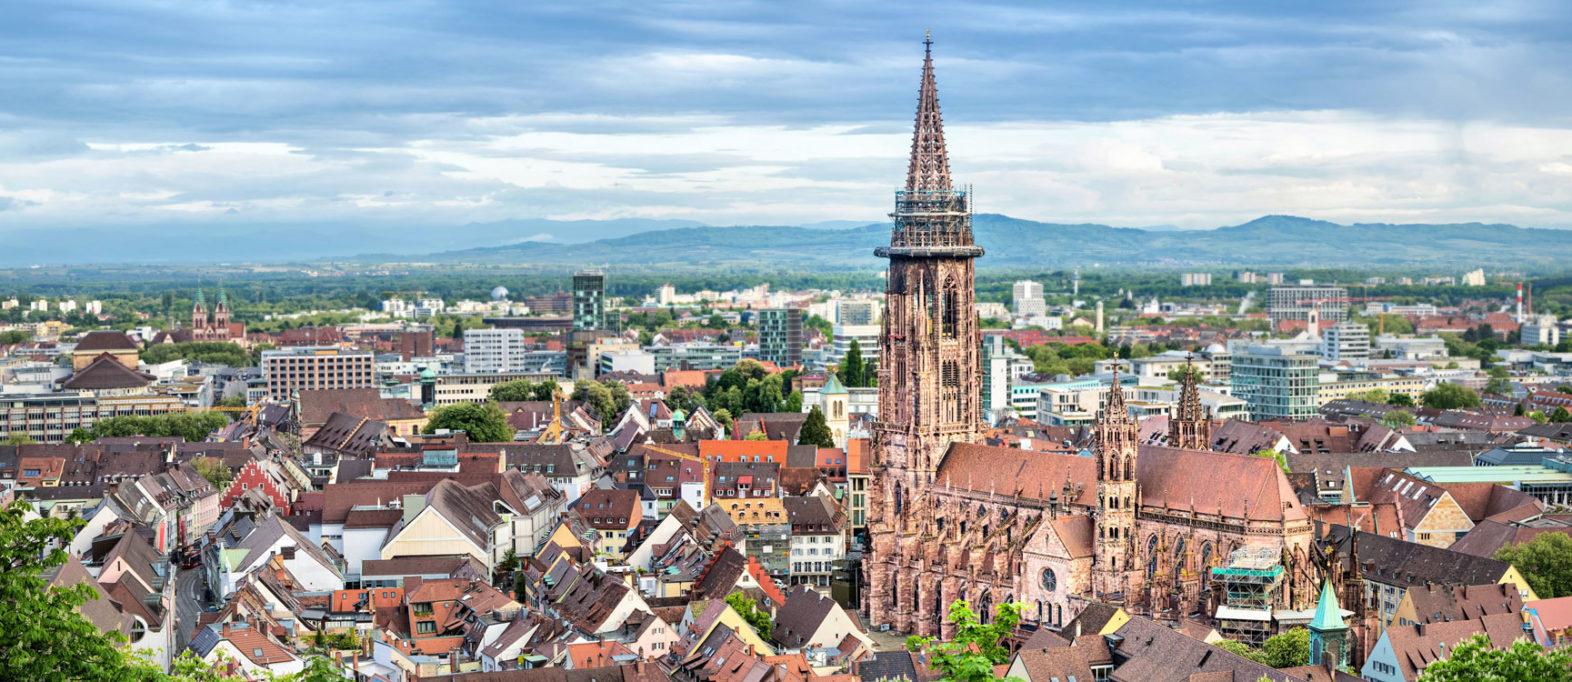 Freiburg schöne Stadt Deutschland